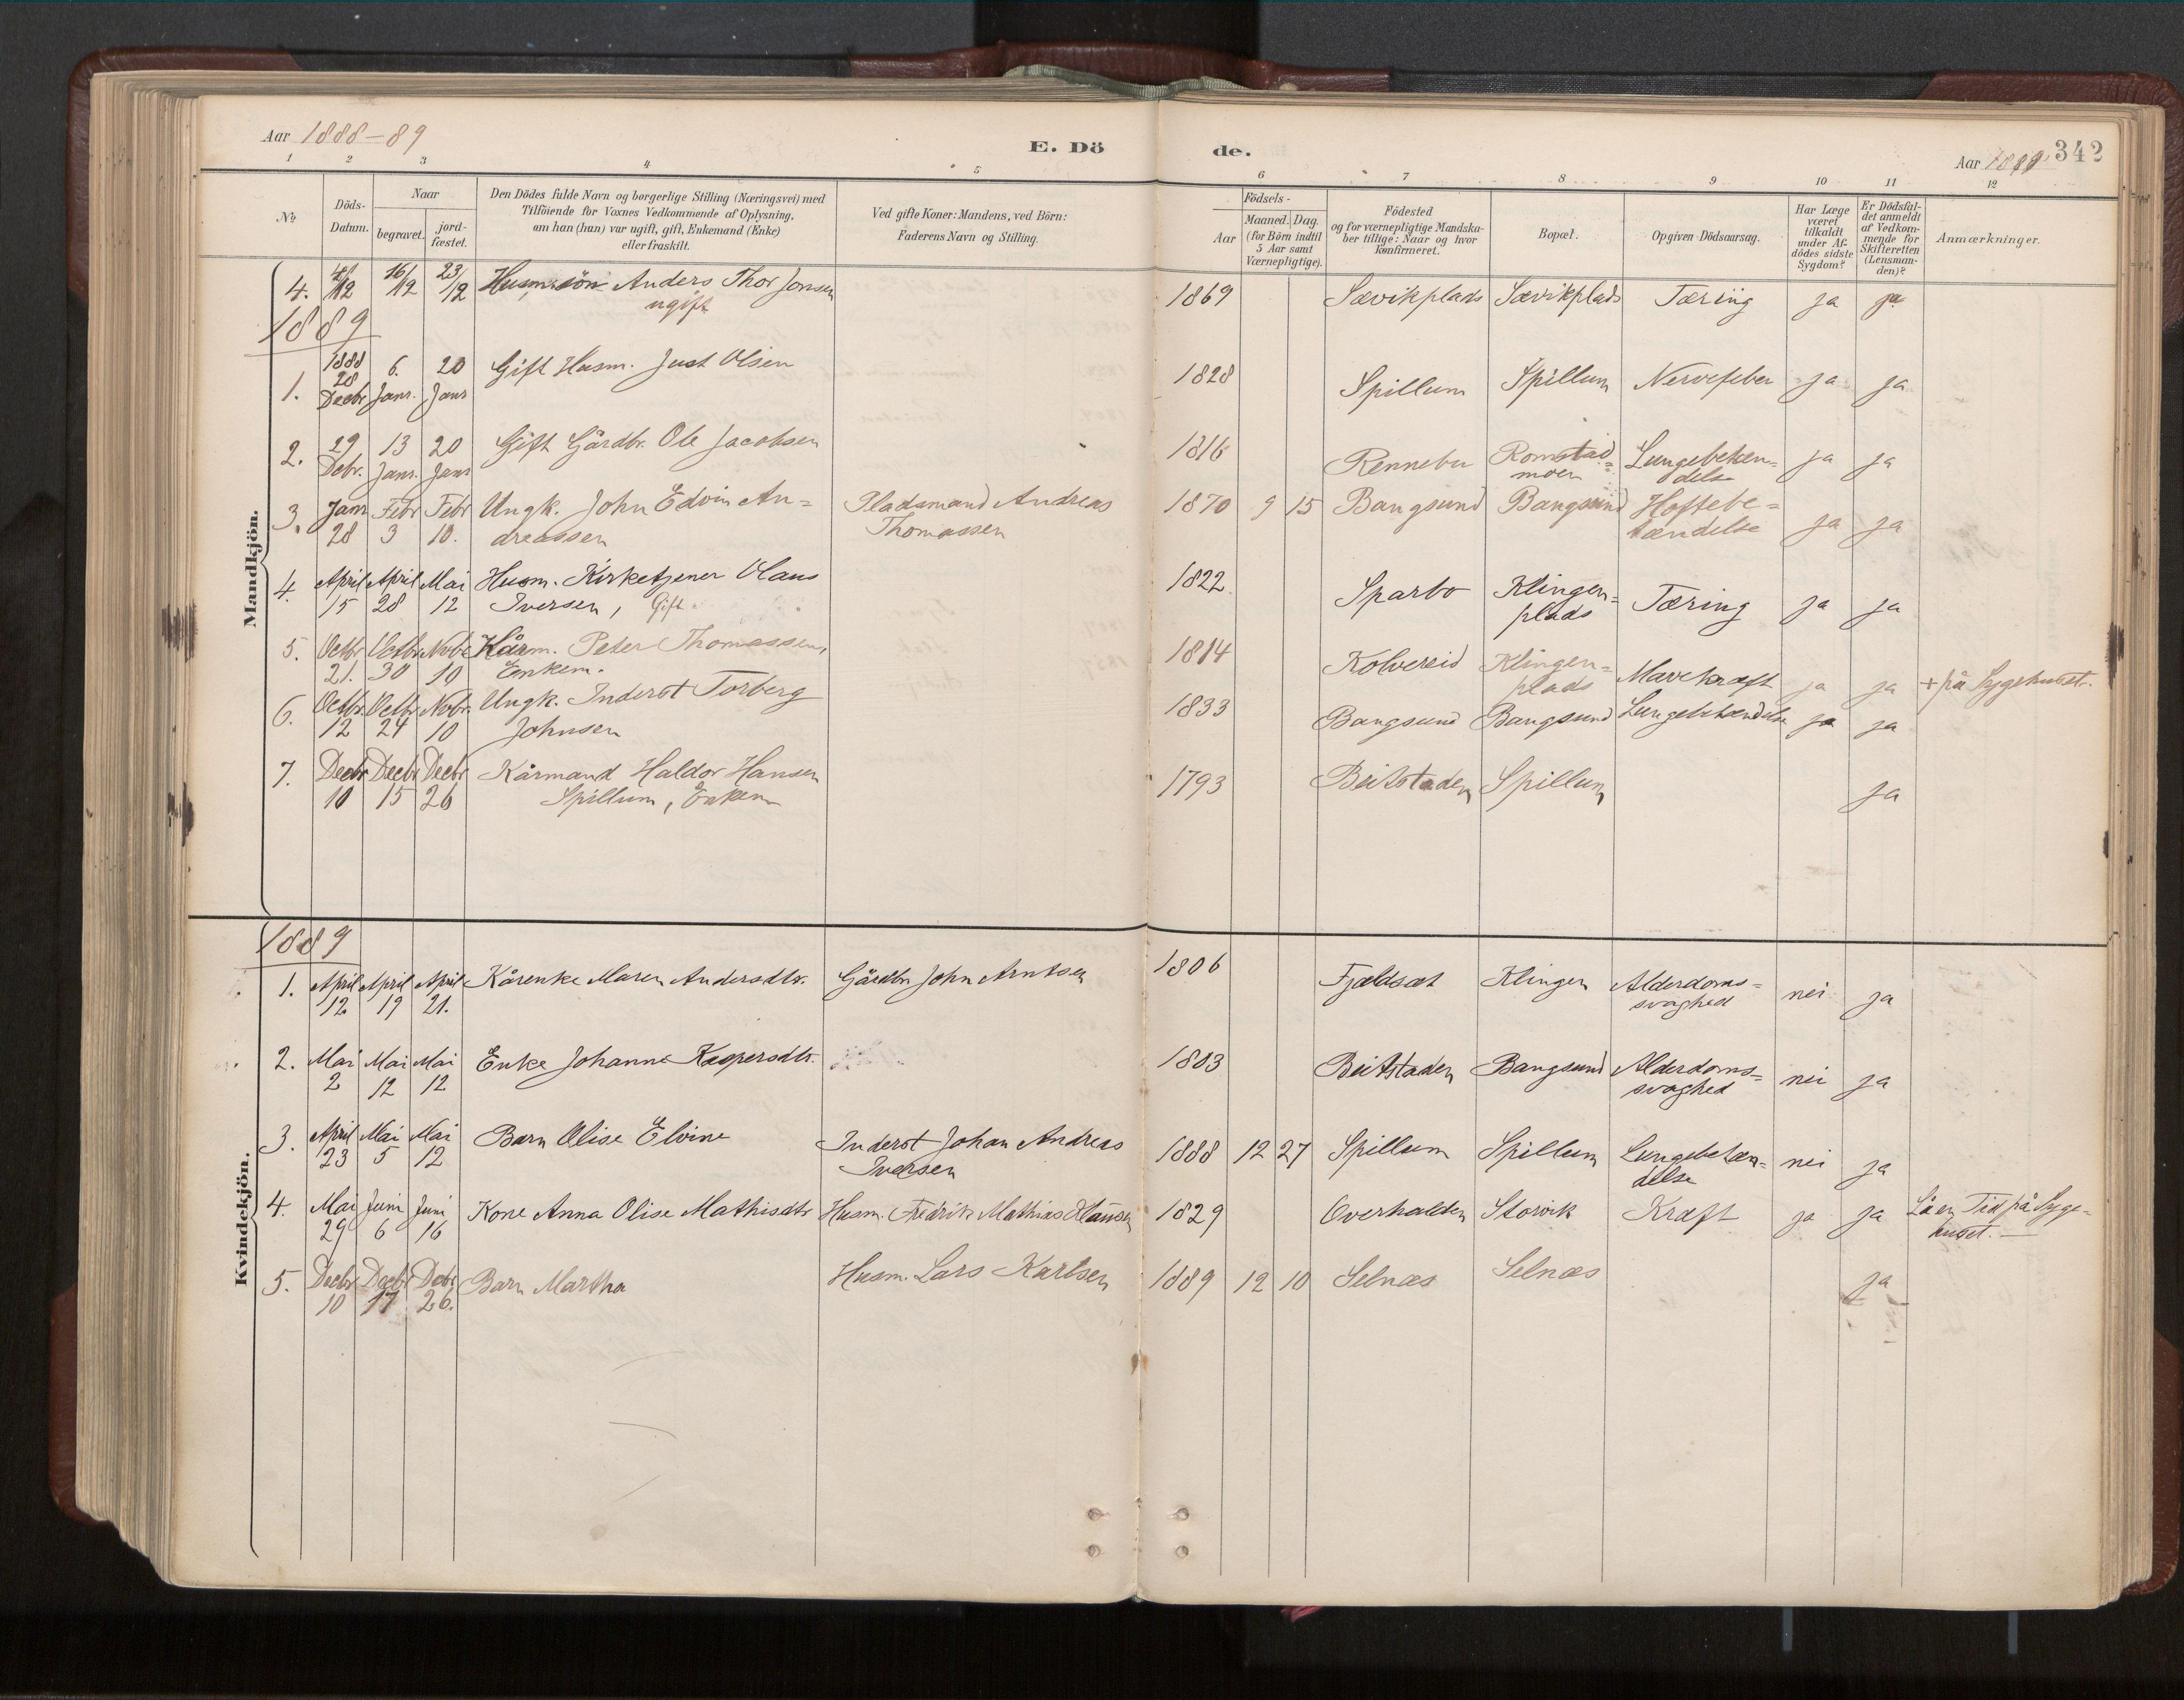 SAT, Ministerialprotokoller, klokkerbøker og fødselsregistre - Nord-Trøndelag, 770/L0589: Ministerialbok nr. 770A03, 1887-1929, s. 342